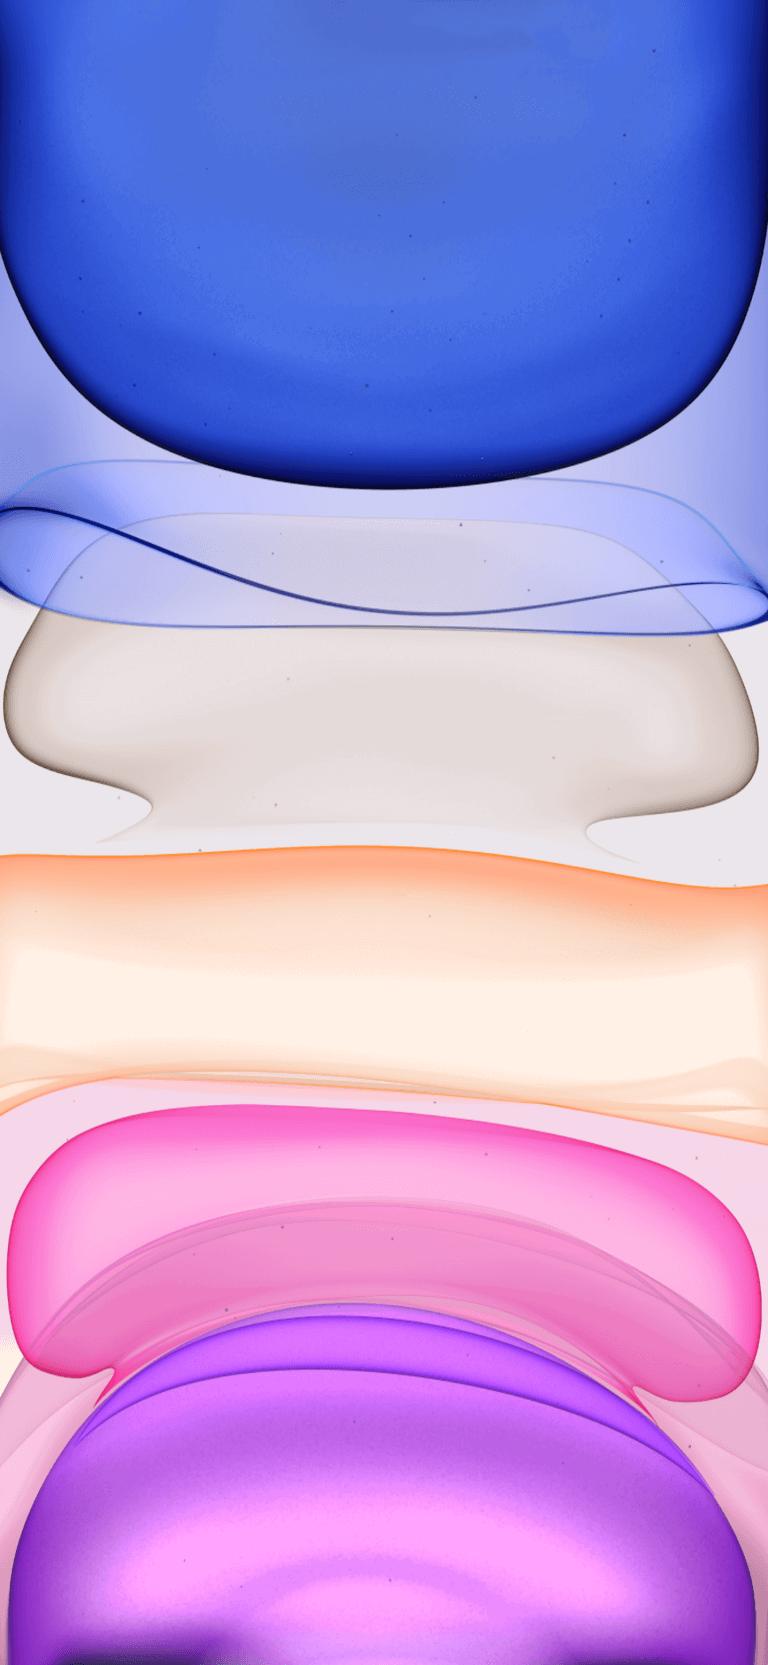 iPhone 11 Duvar Kağıtları – iphone 11 wallpaper